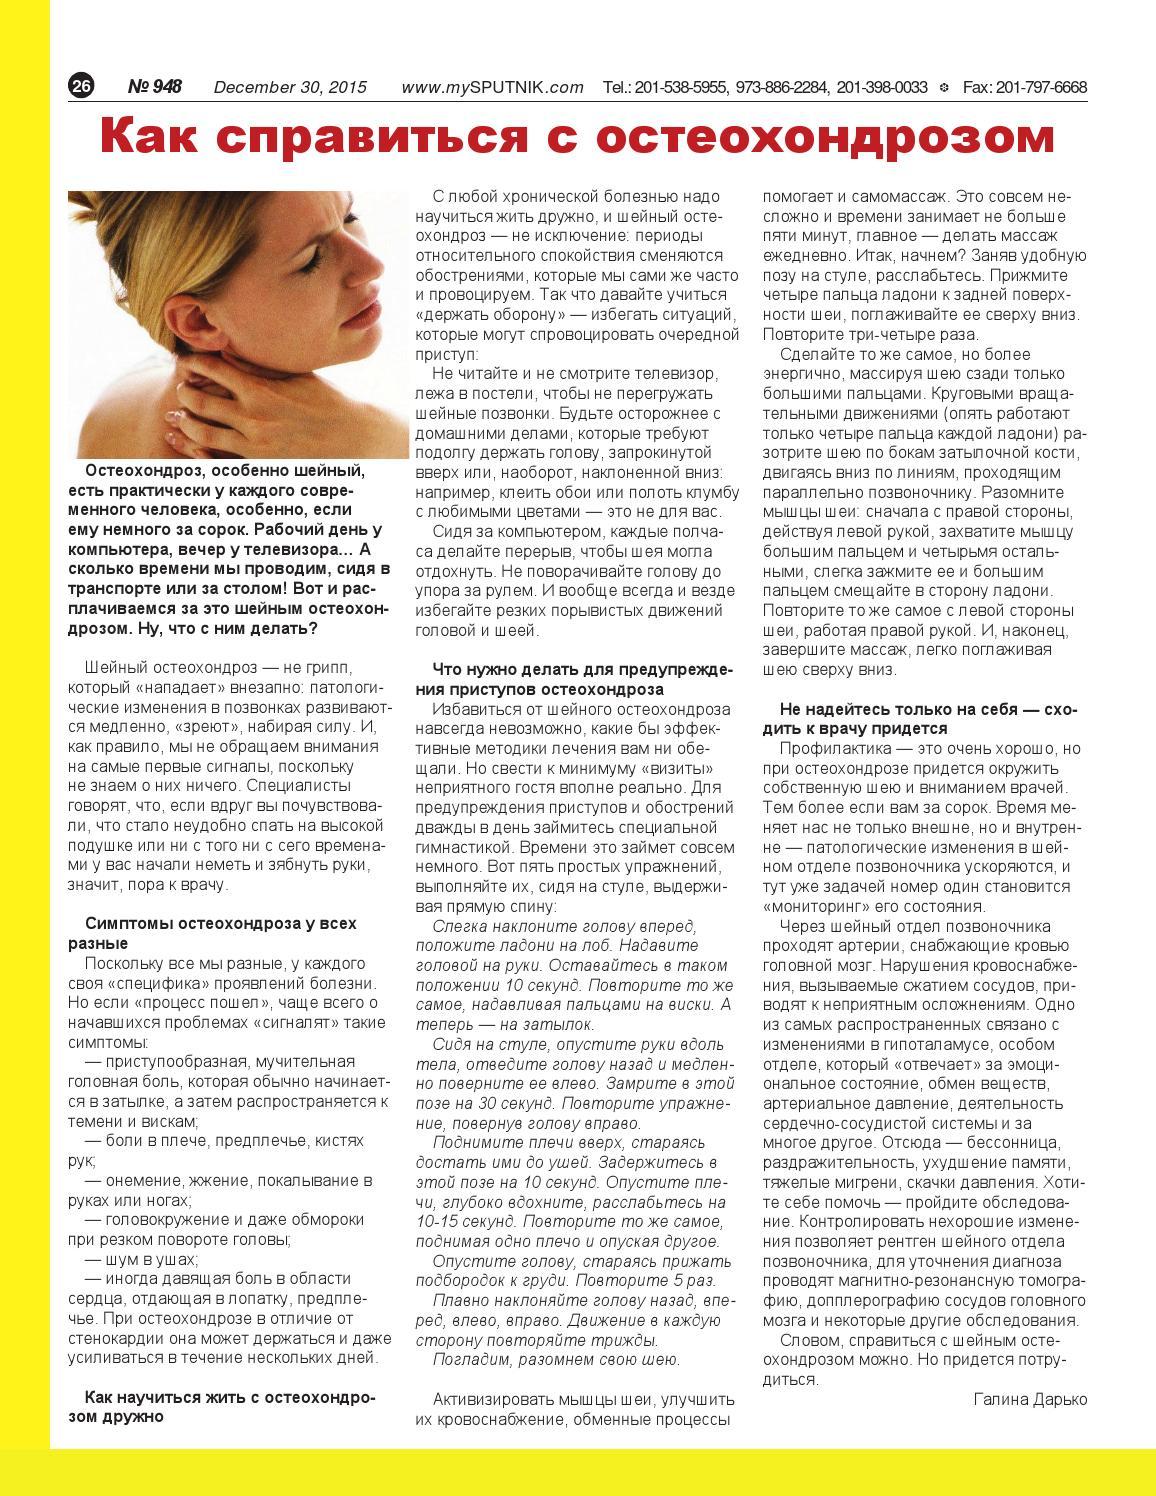 Ихтиоловую мазь при остеохондрозе